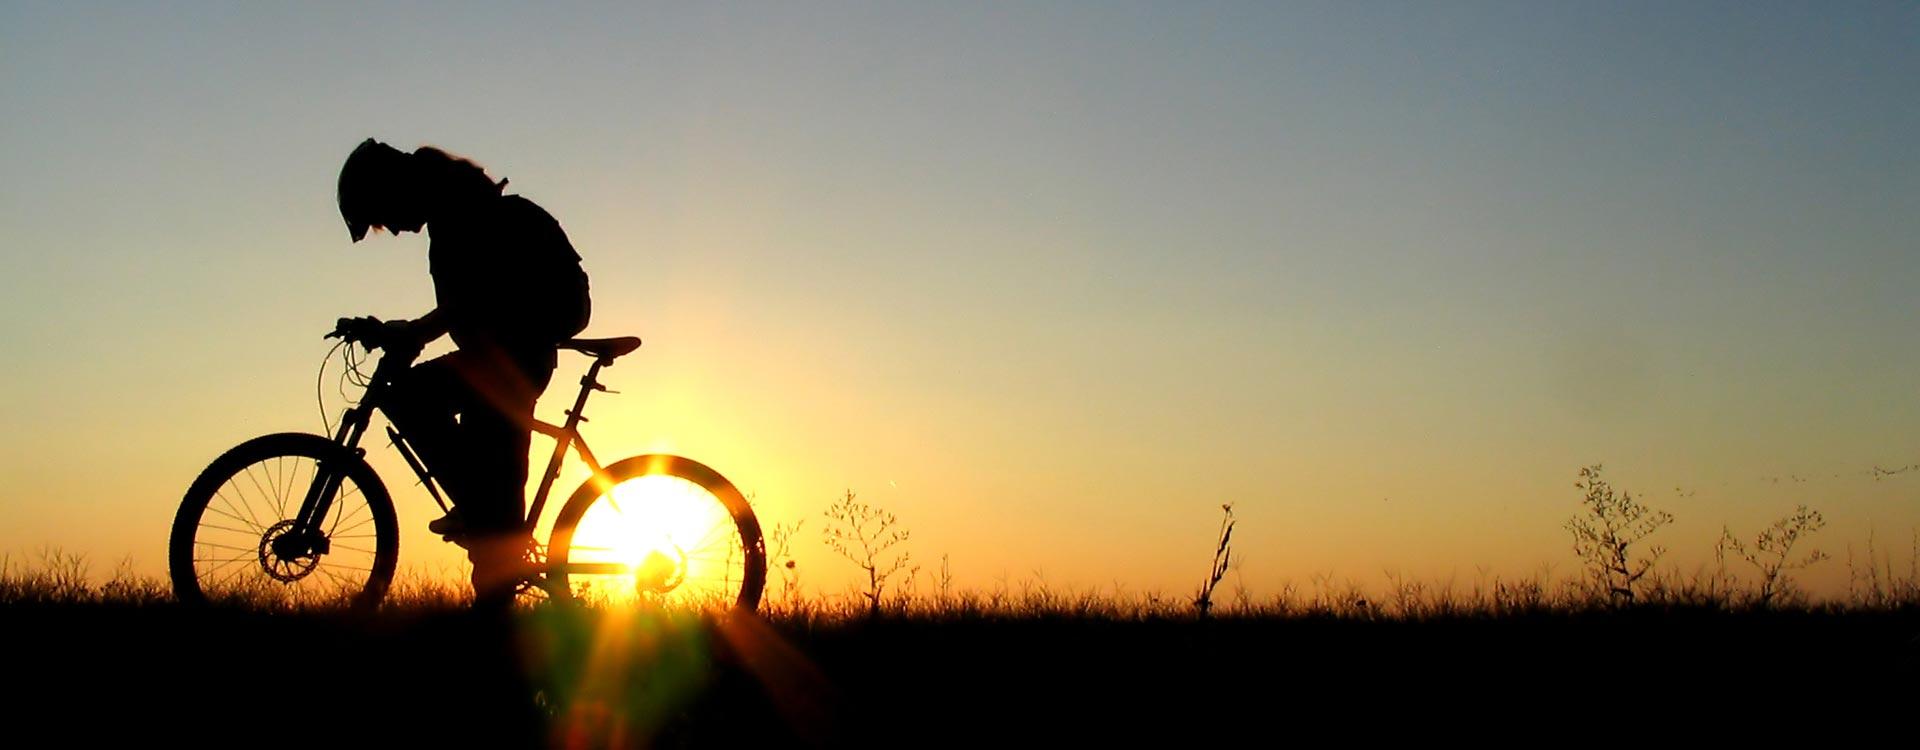 vet verbranden fietsen hartslag